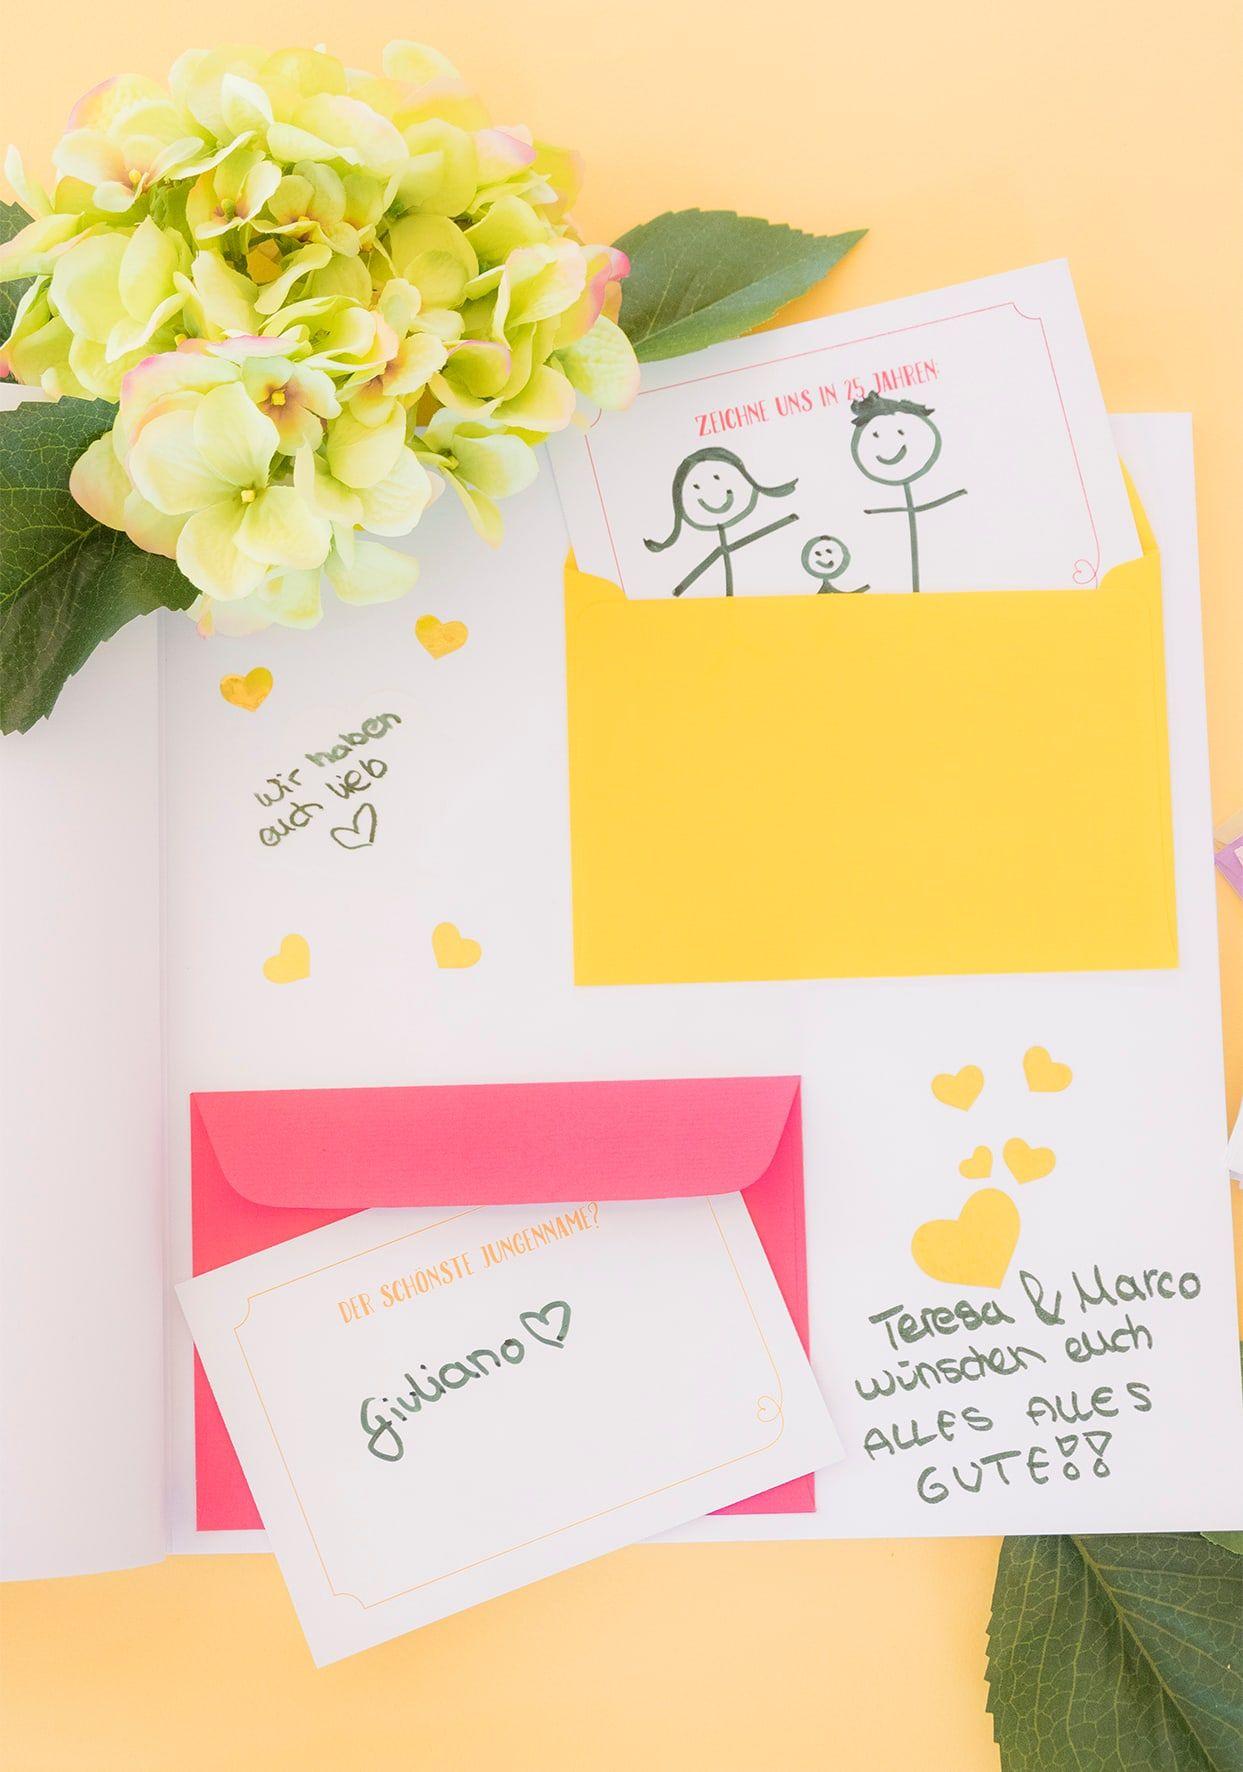 Großartig Gästebuch Hochzeit Seite Gestalten Sammlung Von Individuell Gestaltete Innenseiten Des Gästebuches Machen Richtig